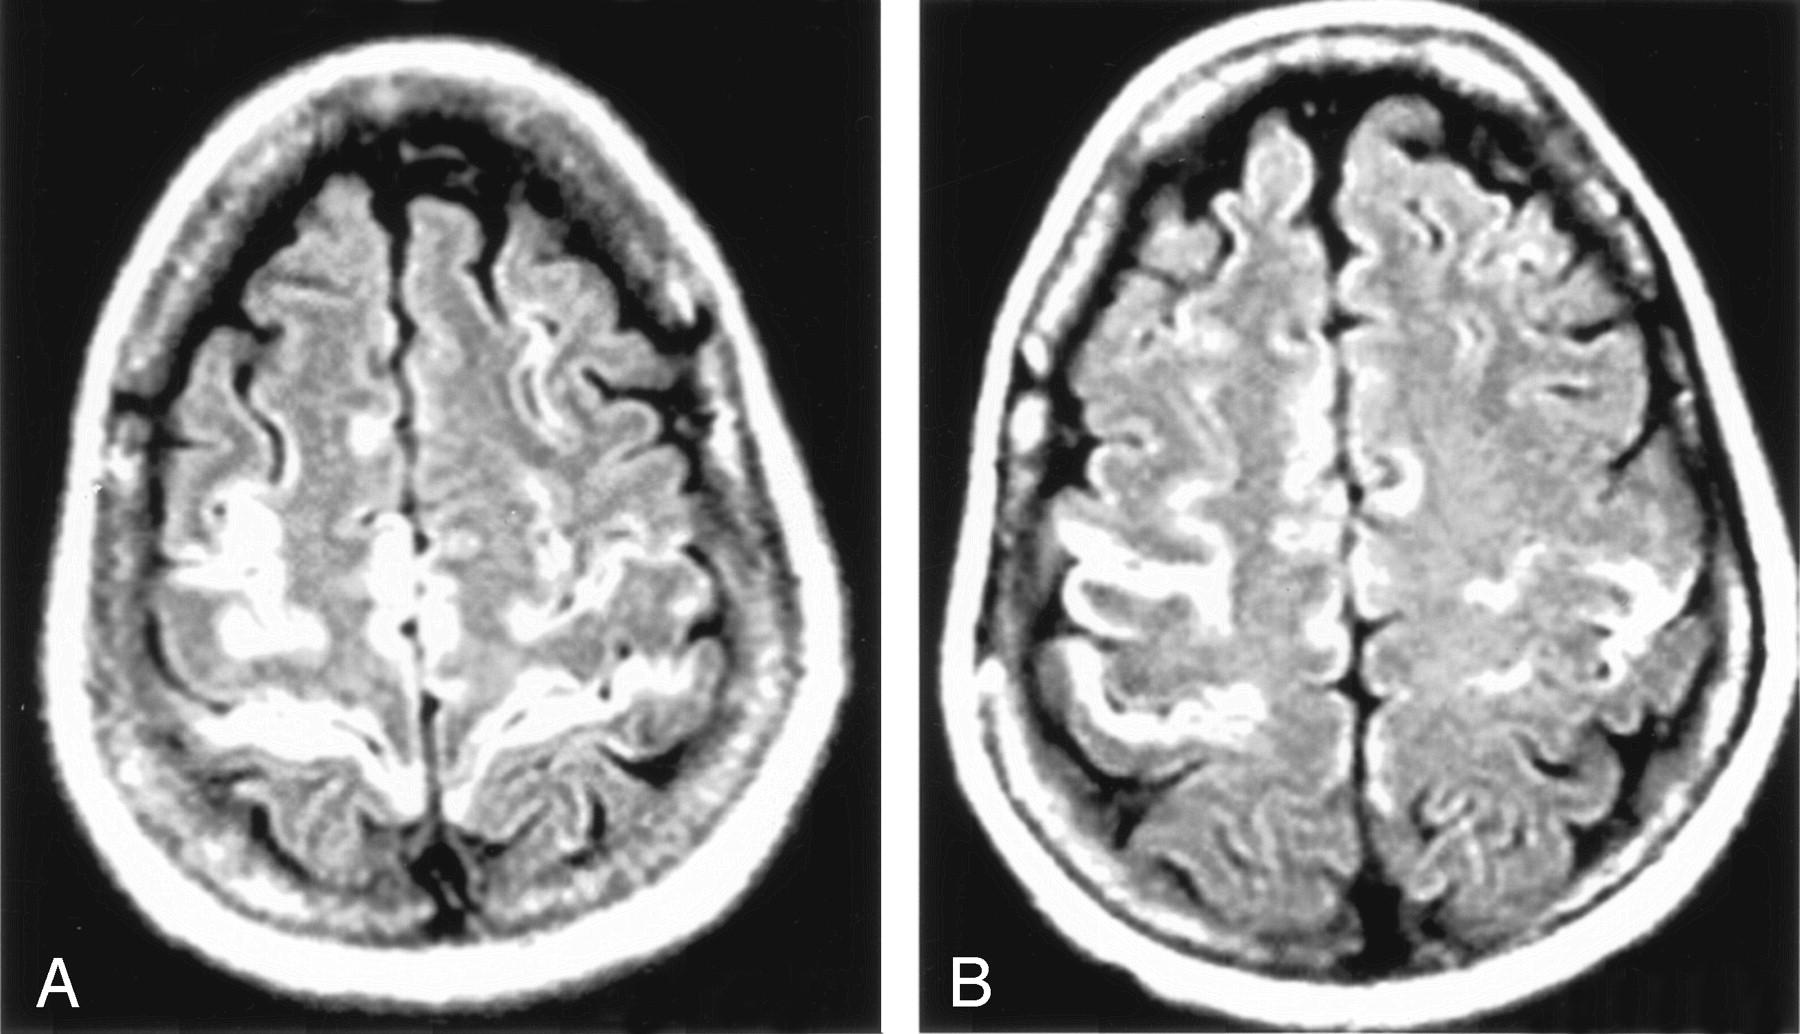 На снимке видно увеличение пространства между мягкой и паутинной оболочкой, очаги ишемии белого цвета разных размеров при энцефалопатии